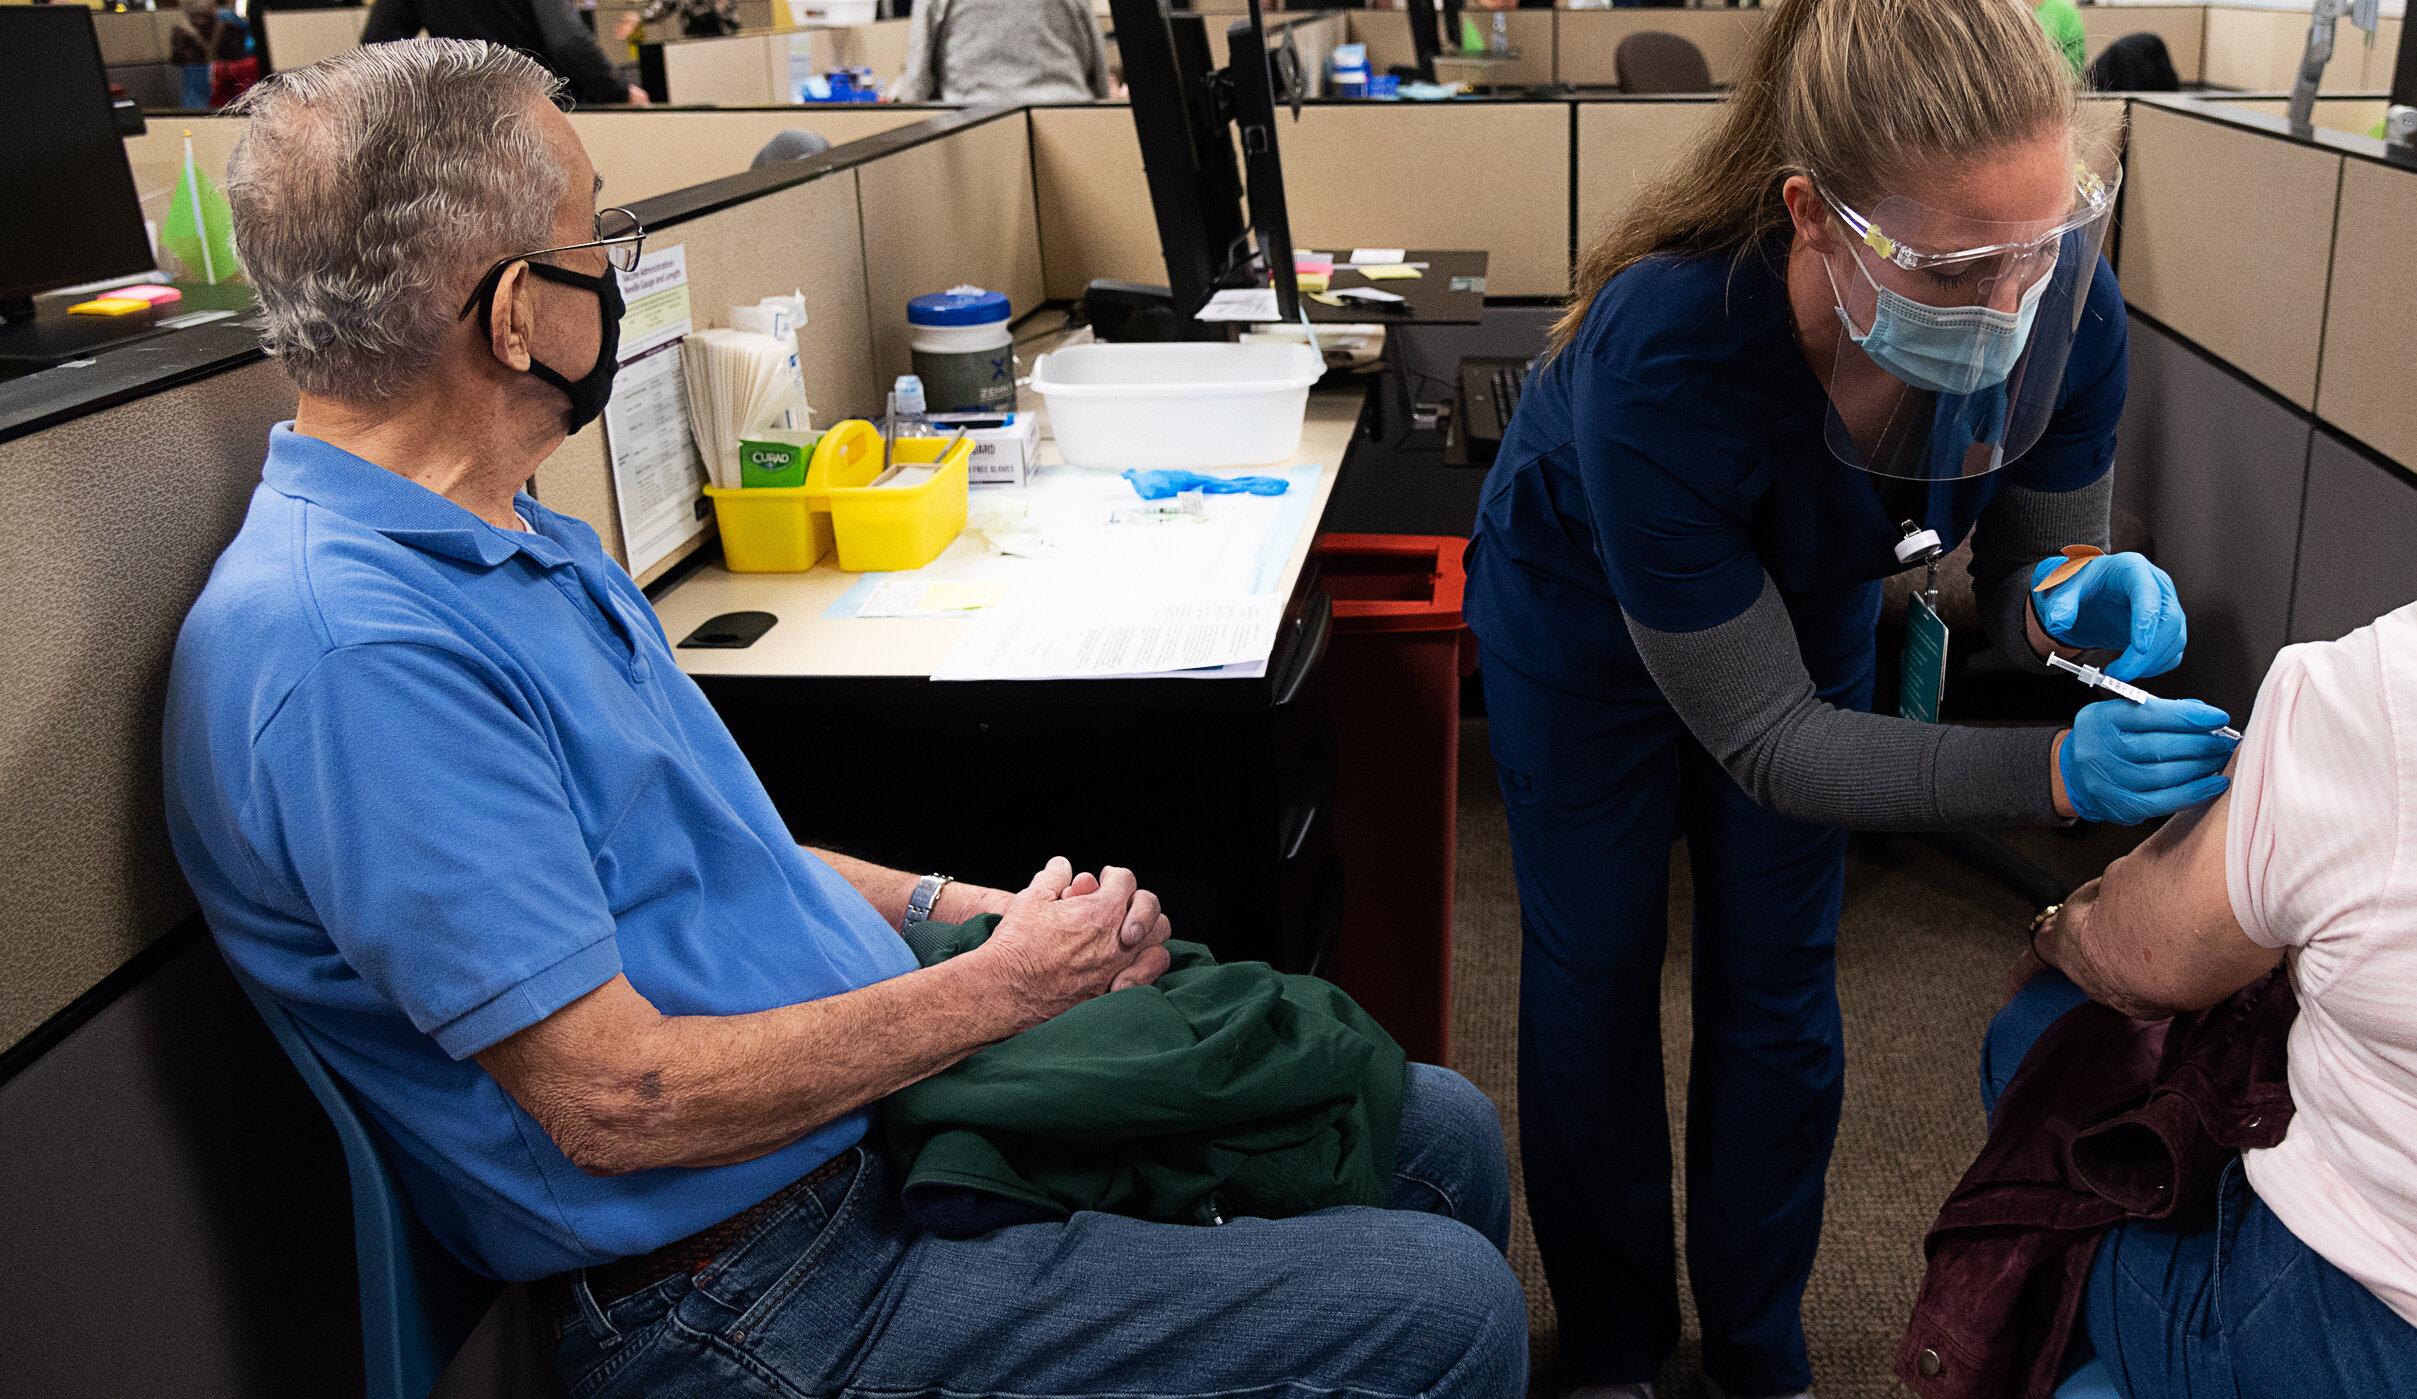 New York  Un bărbat a murit în timp ce părăsea centrul de vaccinare, la 25 de minute de la inoculare